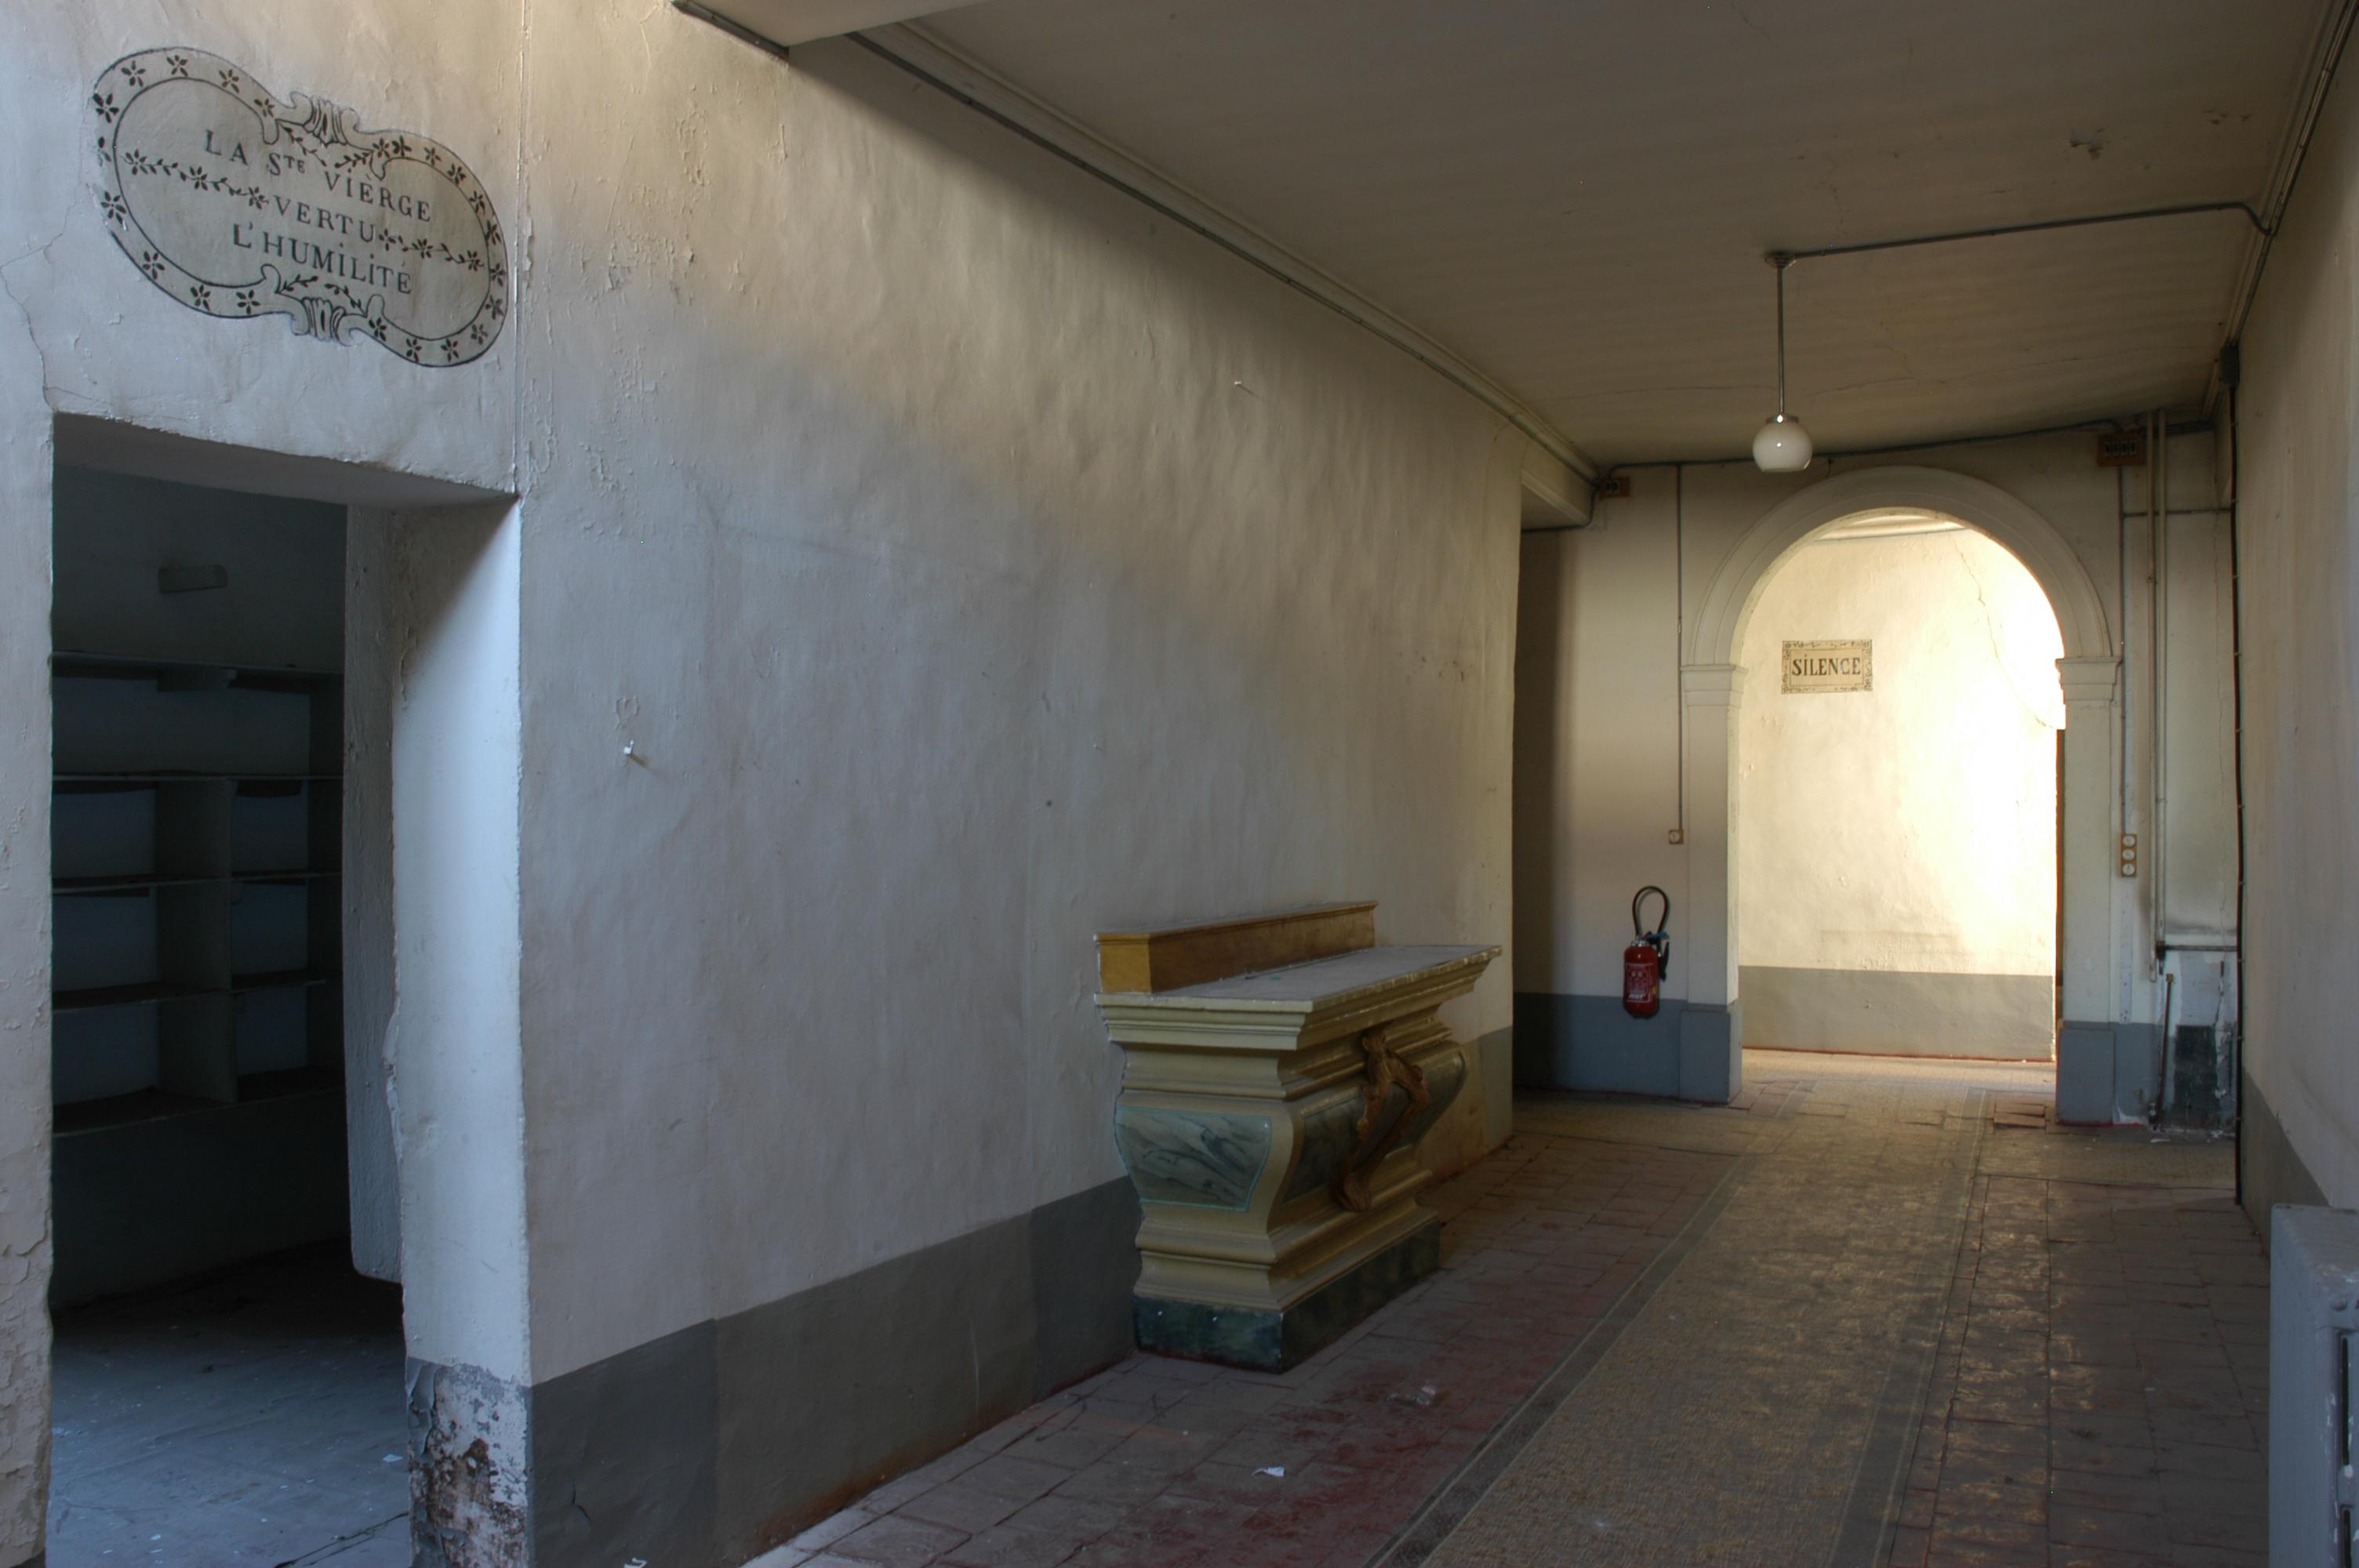 HOTEL-DIEU, AILE DES RELIGIEUSES